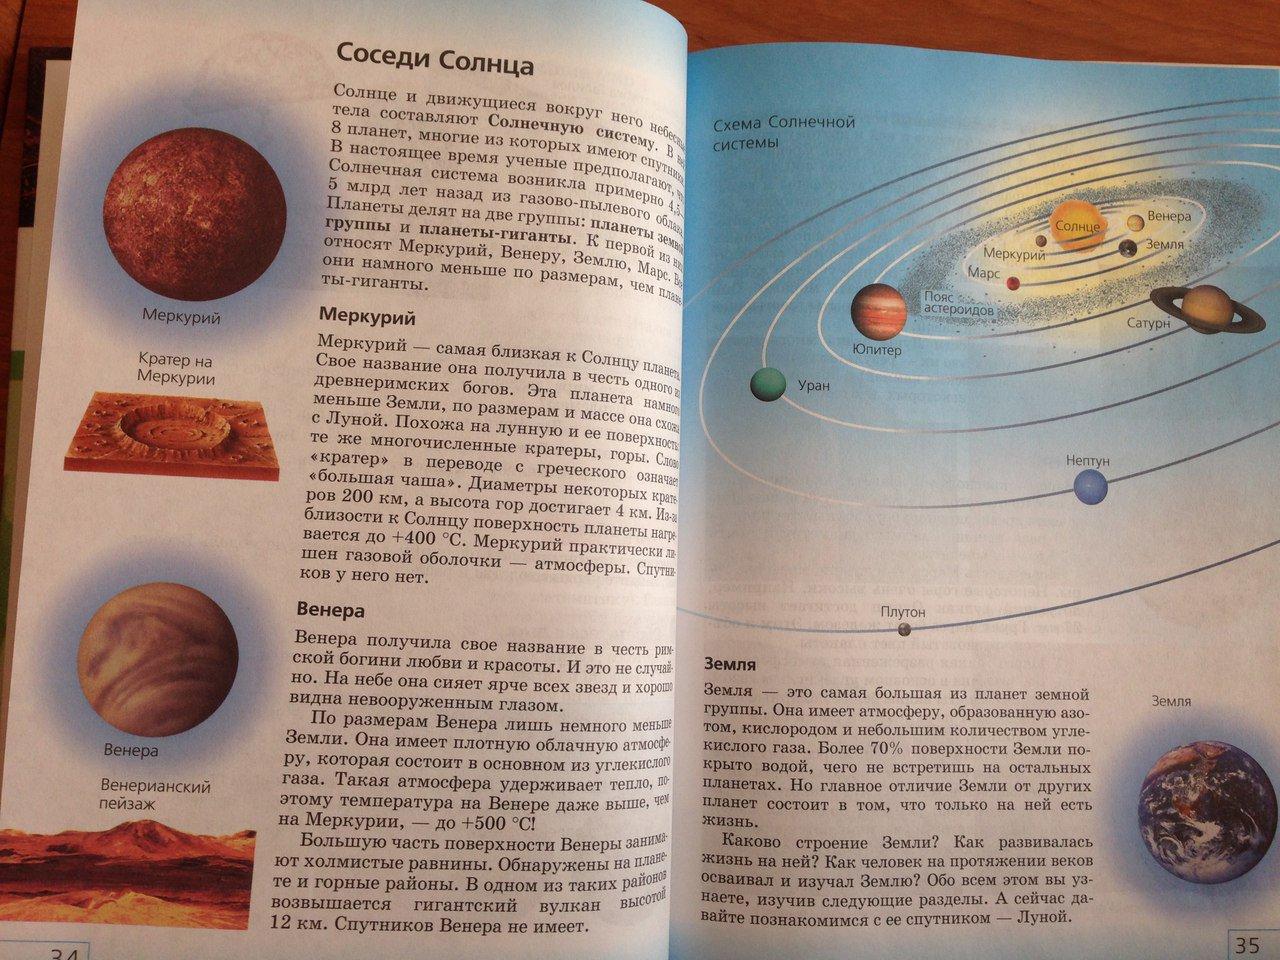 Иллюстрация 4 из 8 для Природоведение. 5 класс. Учебник для общеобразовательных учреждений - Плешаков, Сонин | Лабиринт - книги. Источник: NiNon